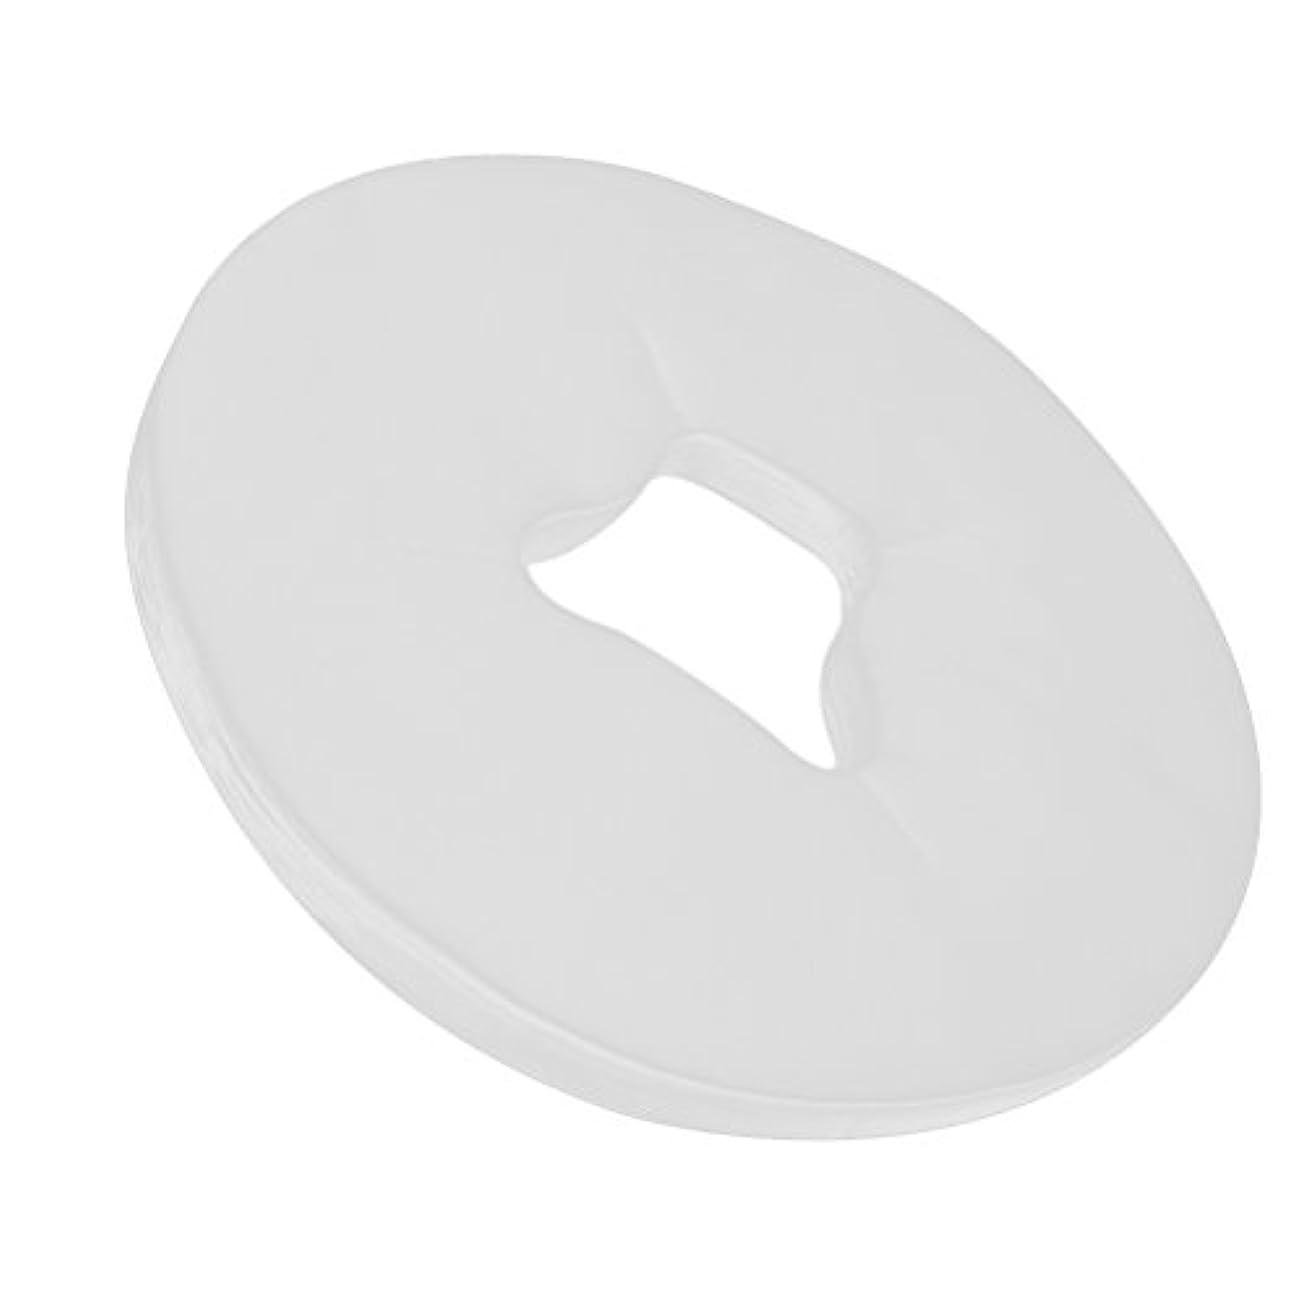 叱るペンフレンド外交Healifty 100Pcs使い捨て可能な表面揺りかごはマッサージのテーブルのためのマッサージの表面残りカバーを覆います